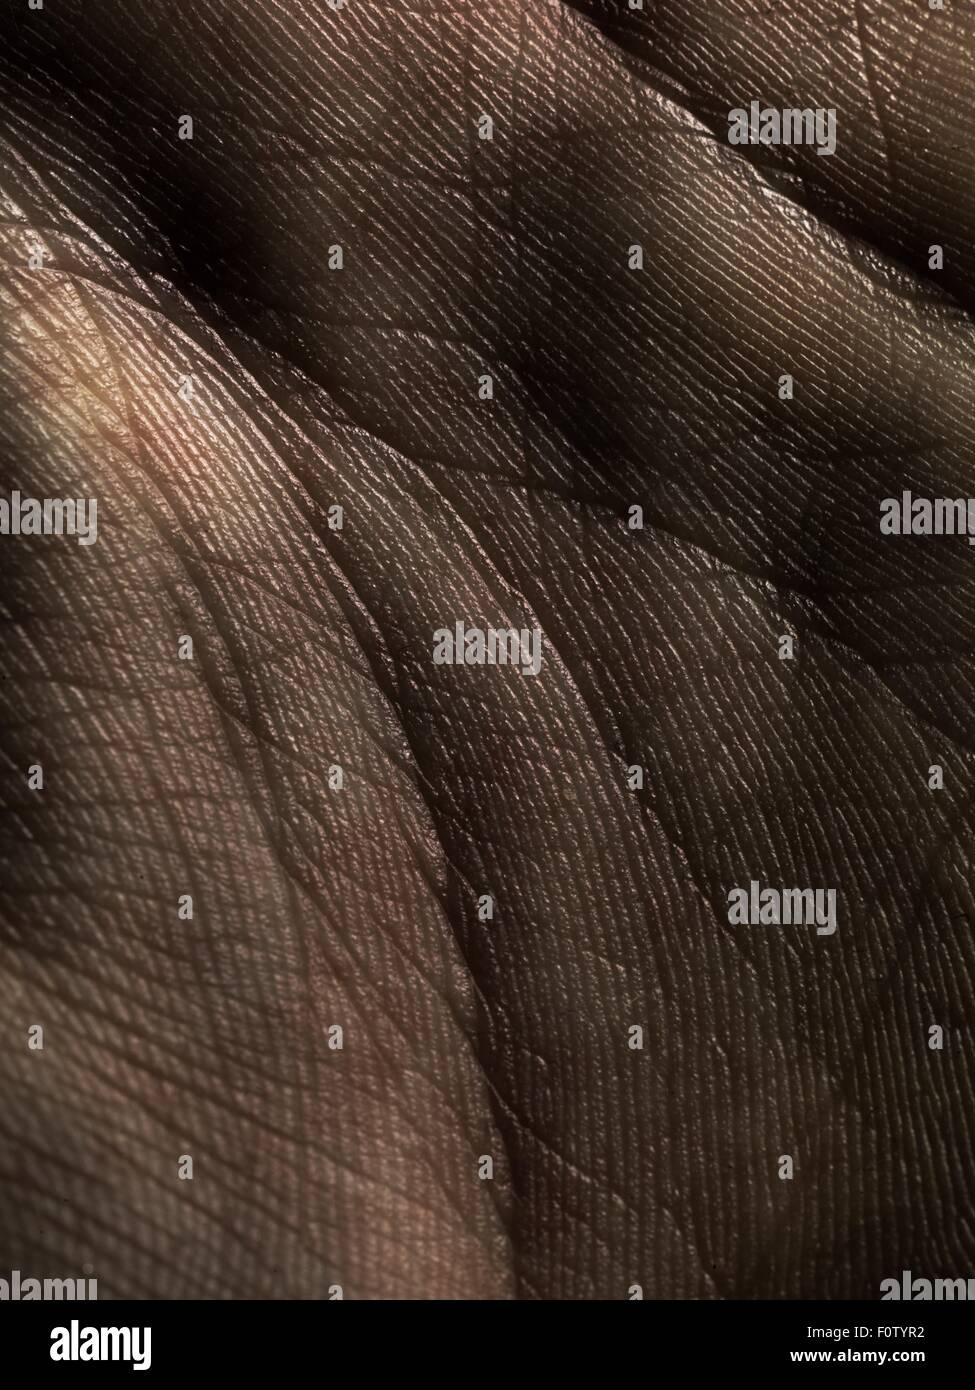 Cerca de las líneas de la palma de la mano Imagen De Stock